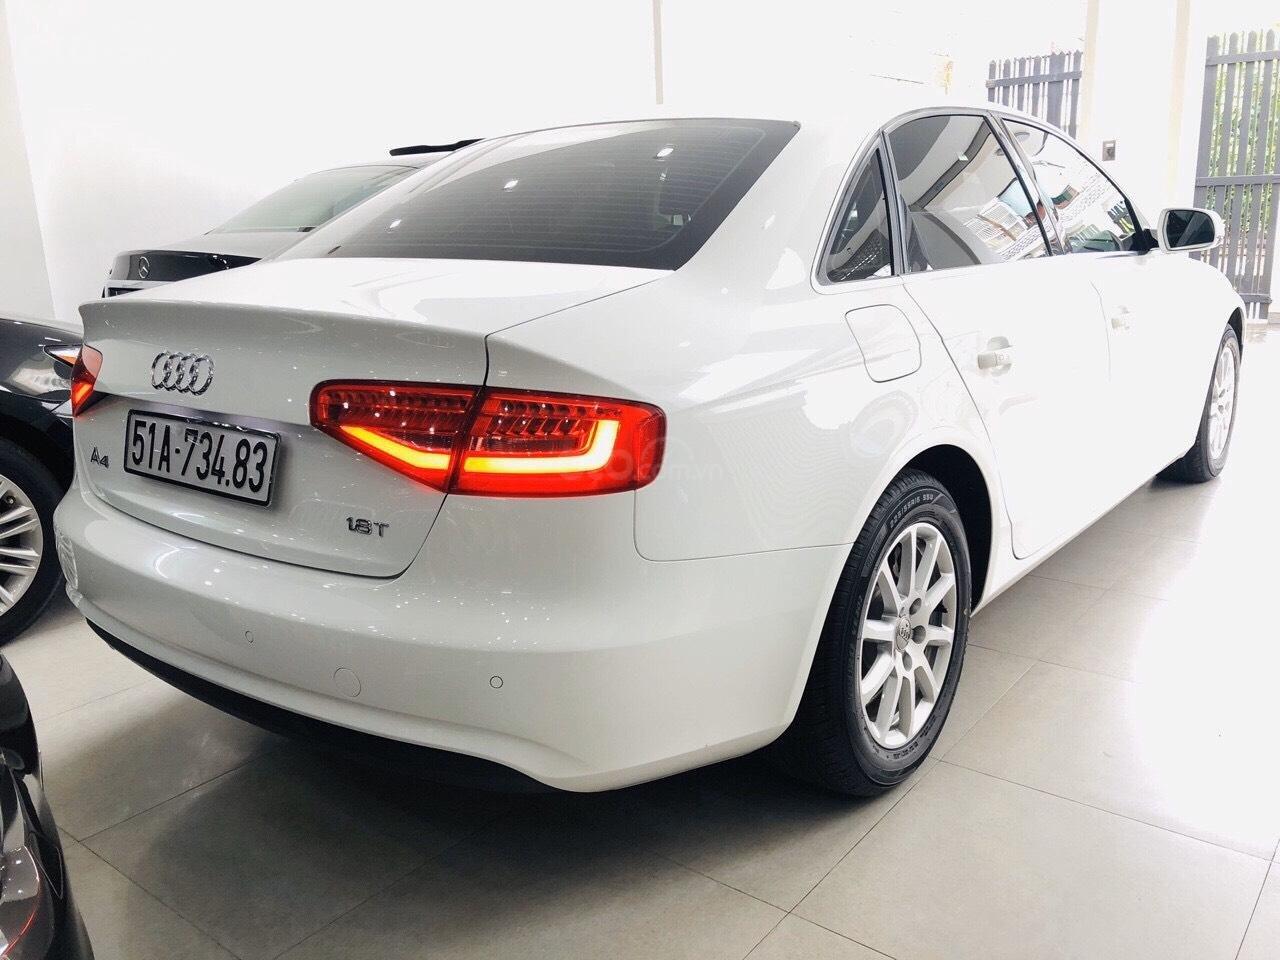 Bán Audi A4 sản xuất 2013 xe đẹp đi đúng 24000km hàng hiếm xe ít sử dụng bao checks hãng (2)